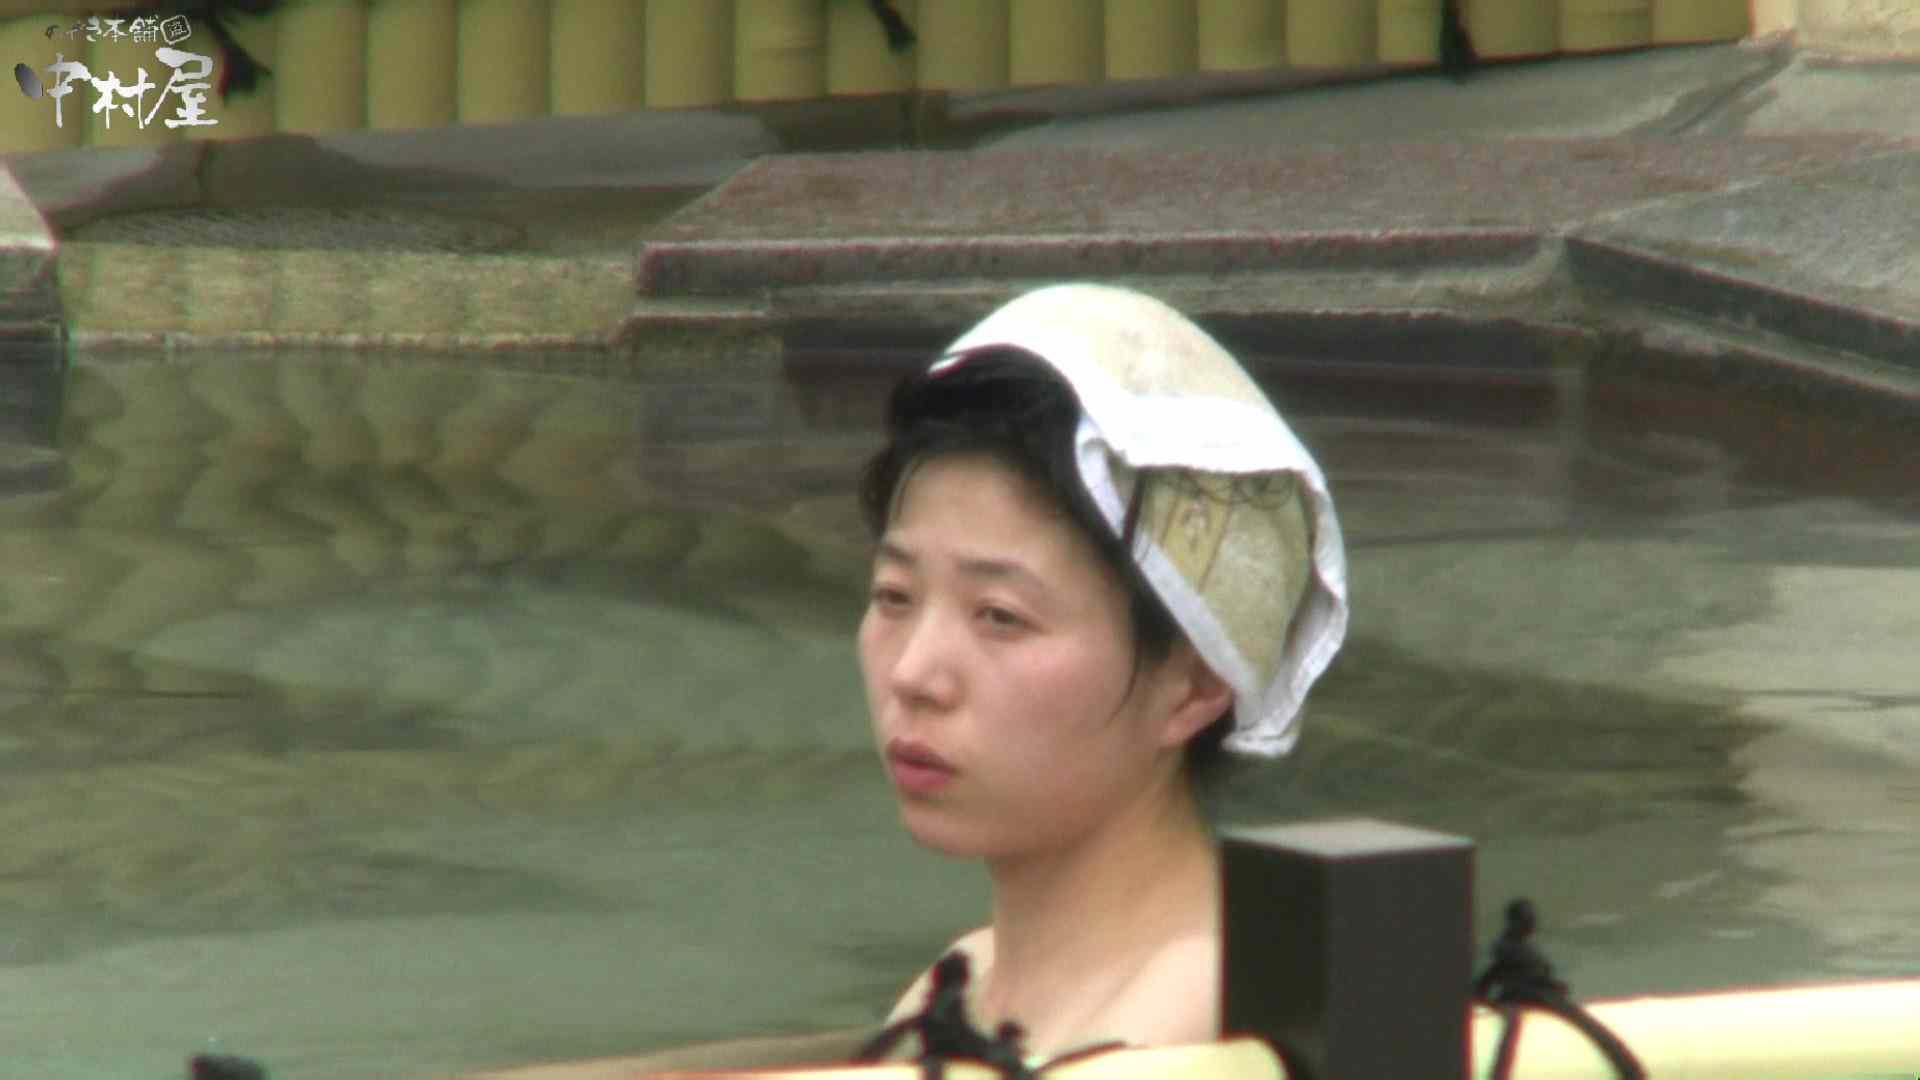 Aquaな露天風呂Vol.950 露天  61画像 54